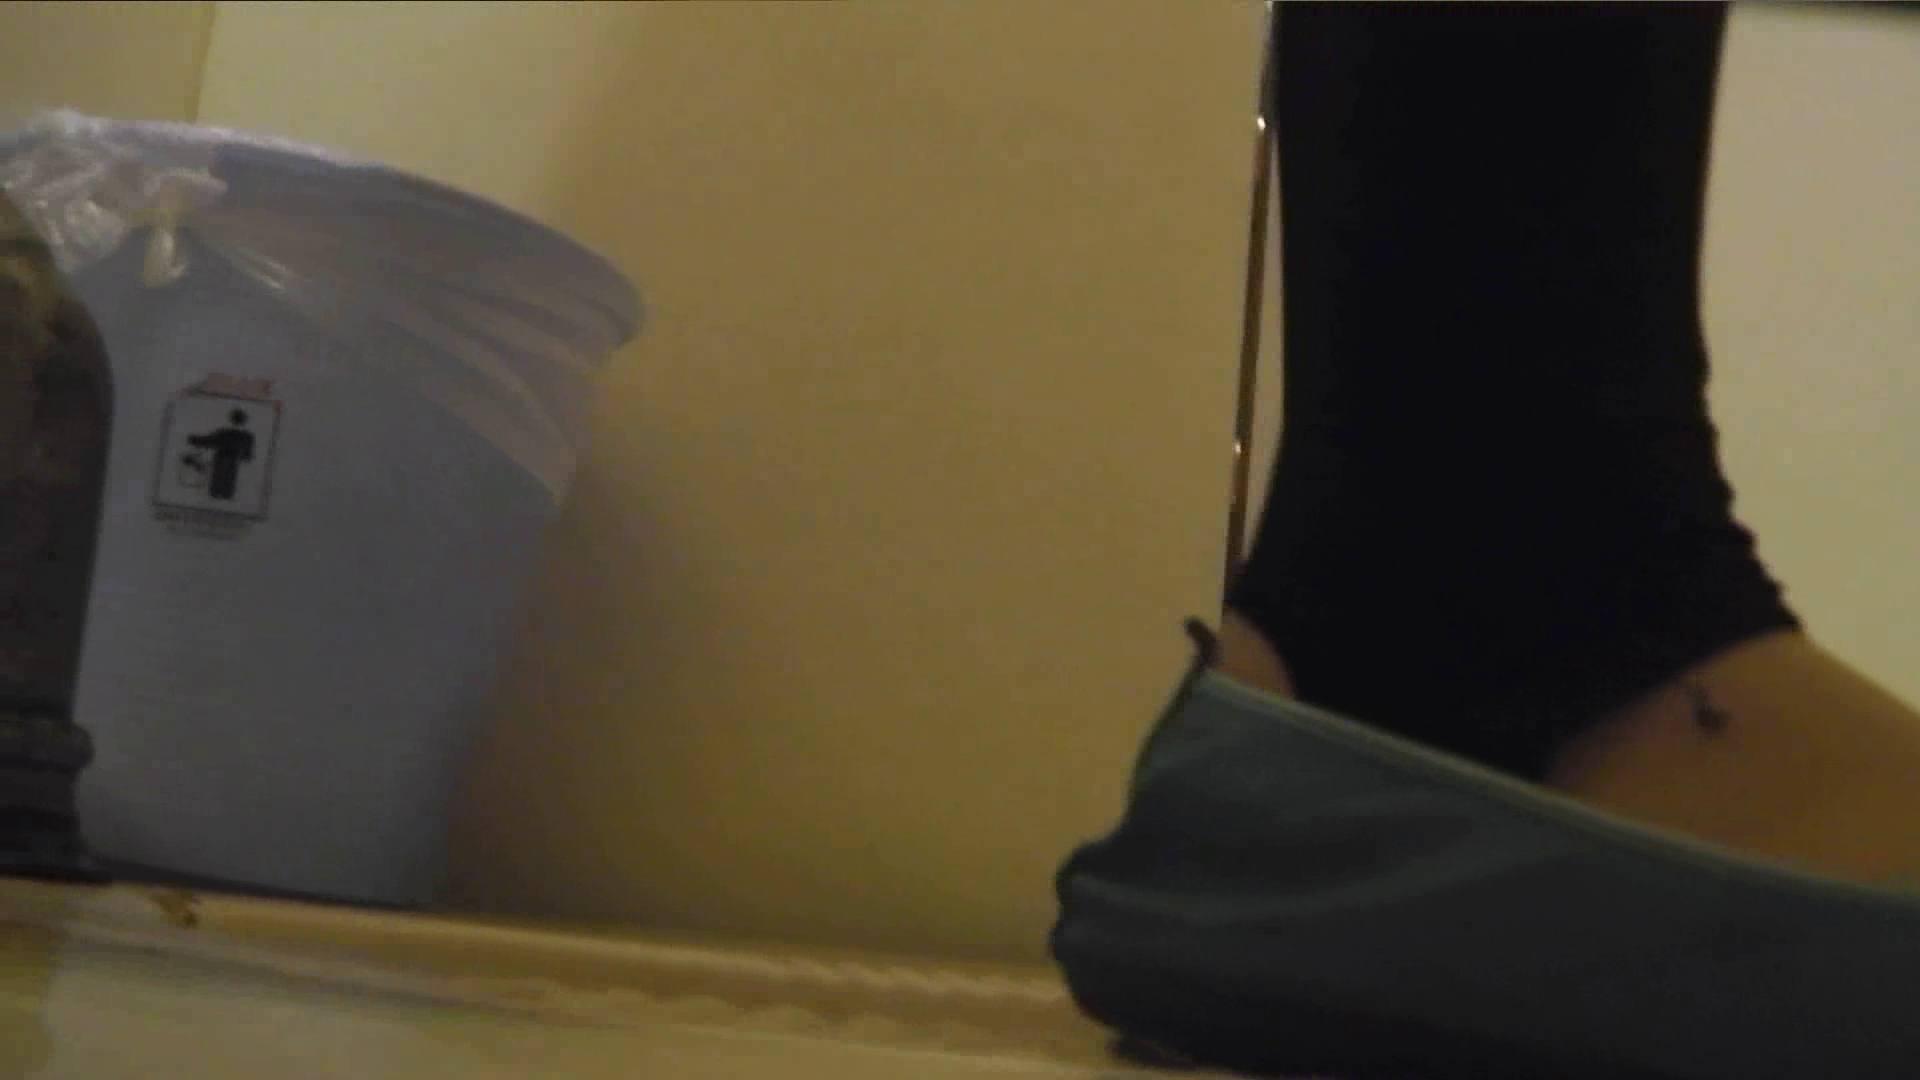 世界の射窓から vol.41 ぼうしタンのアソコ OL女体 | 洗面所  69連発 1